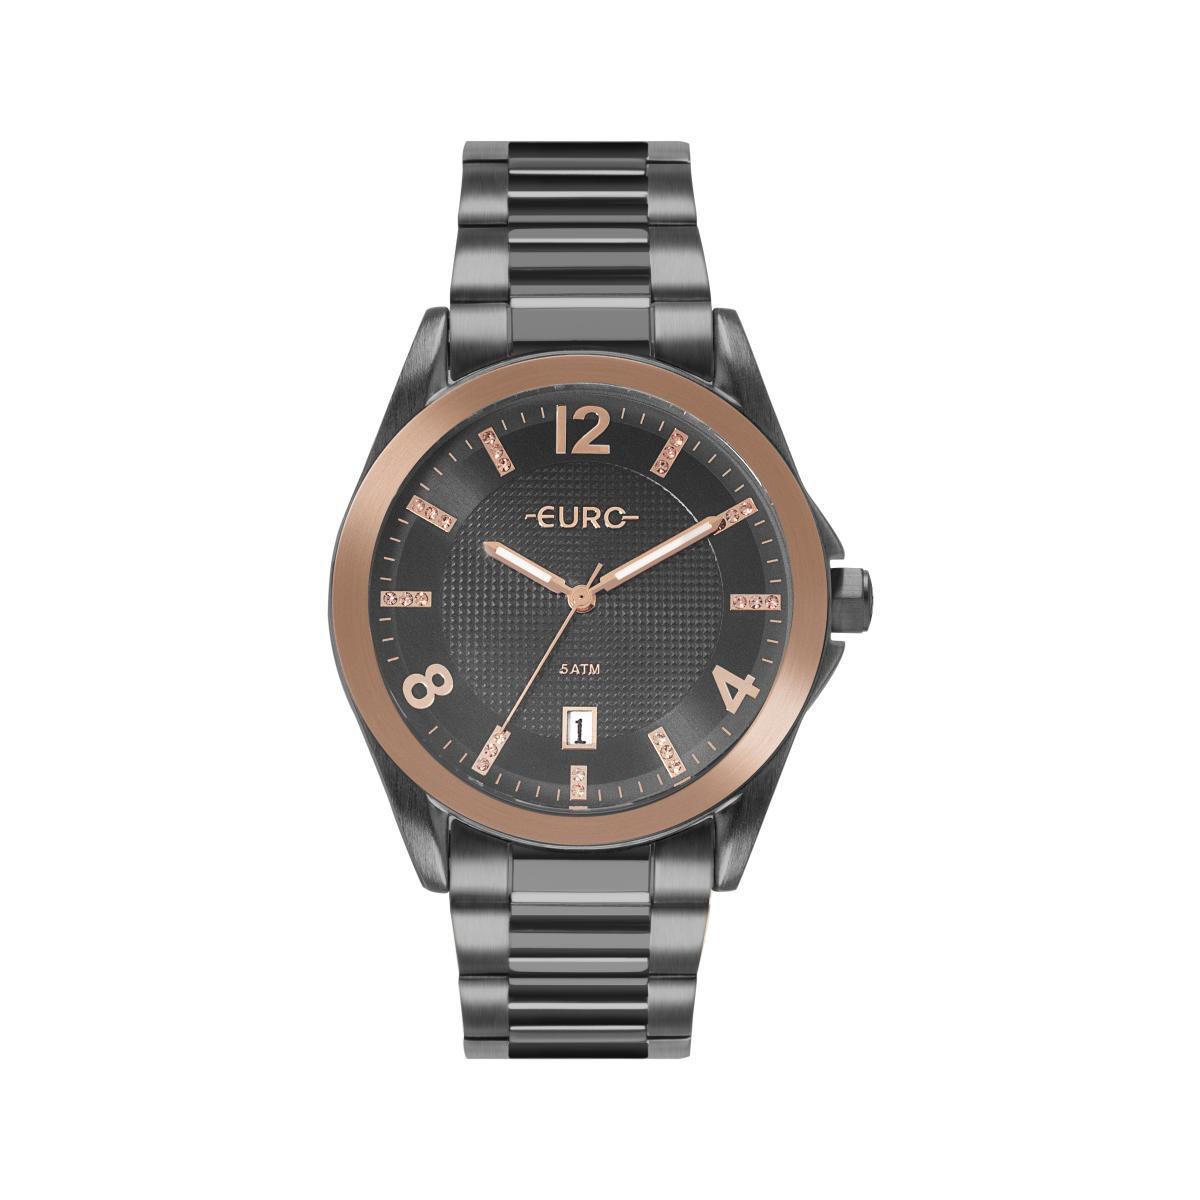 Relógio Feminino Euro EU2315HO/4C 42mm Aço Preto